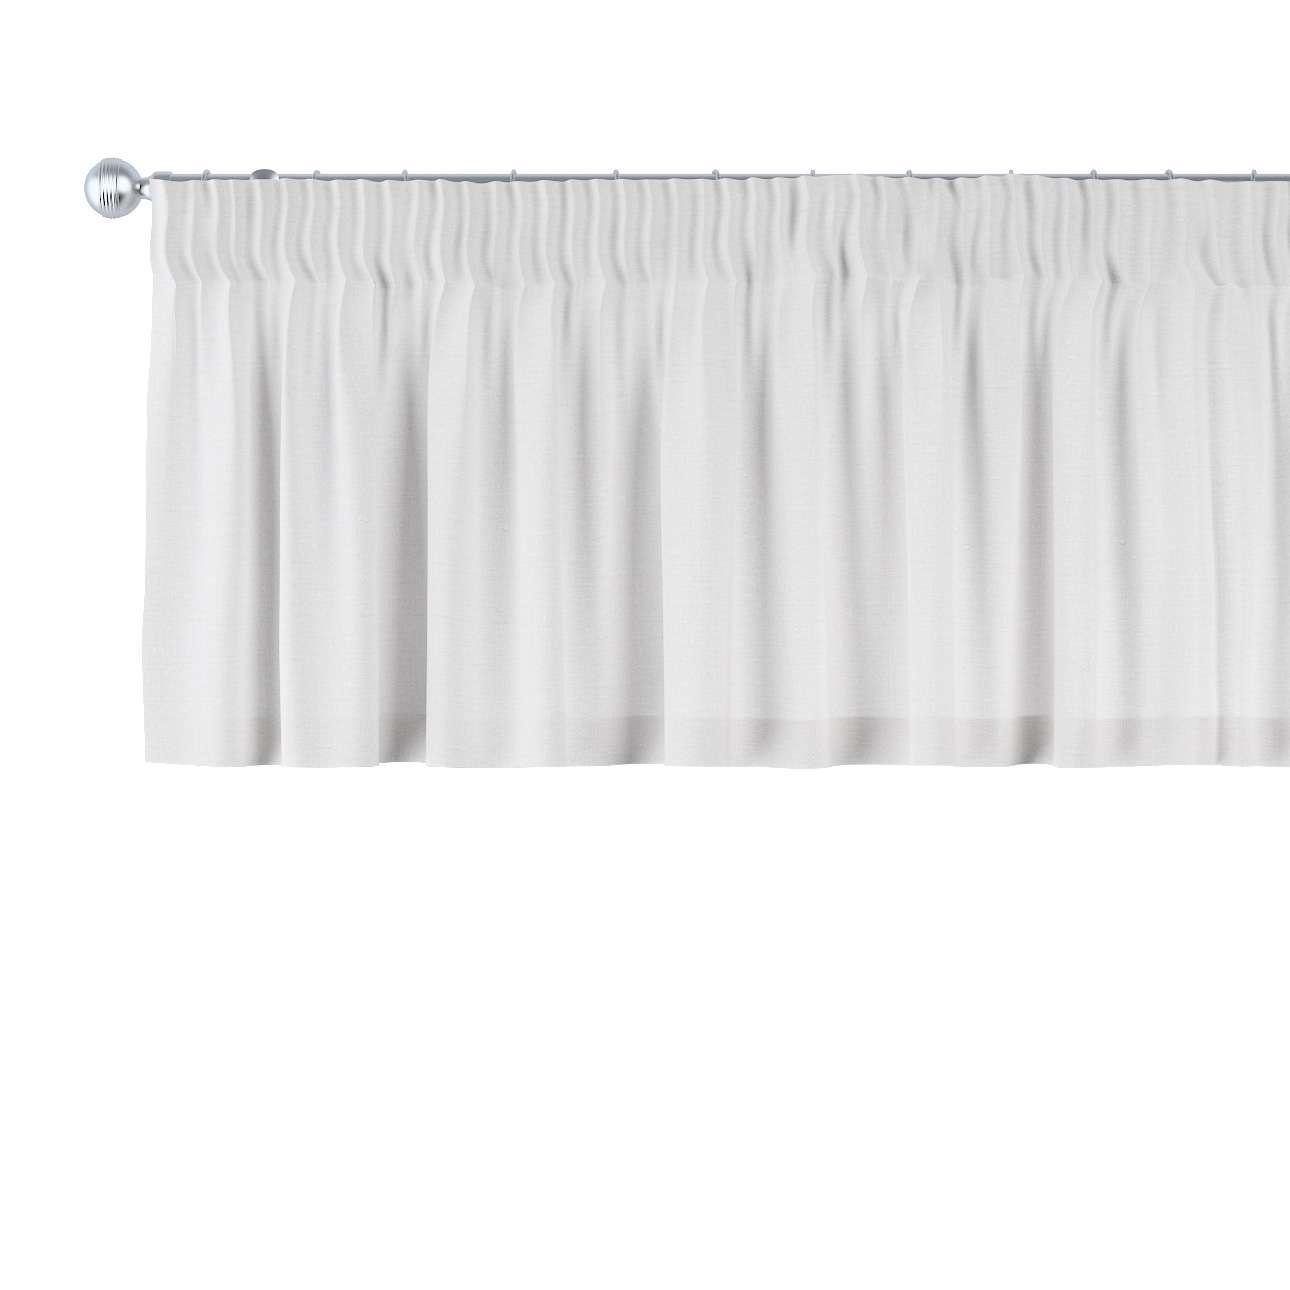 Gardinkappe med rynkebånd 130 x 40 cm fra kollektionen Linen, Stof: 392-04